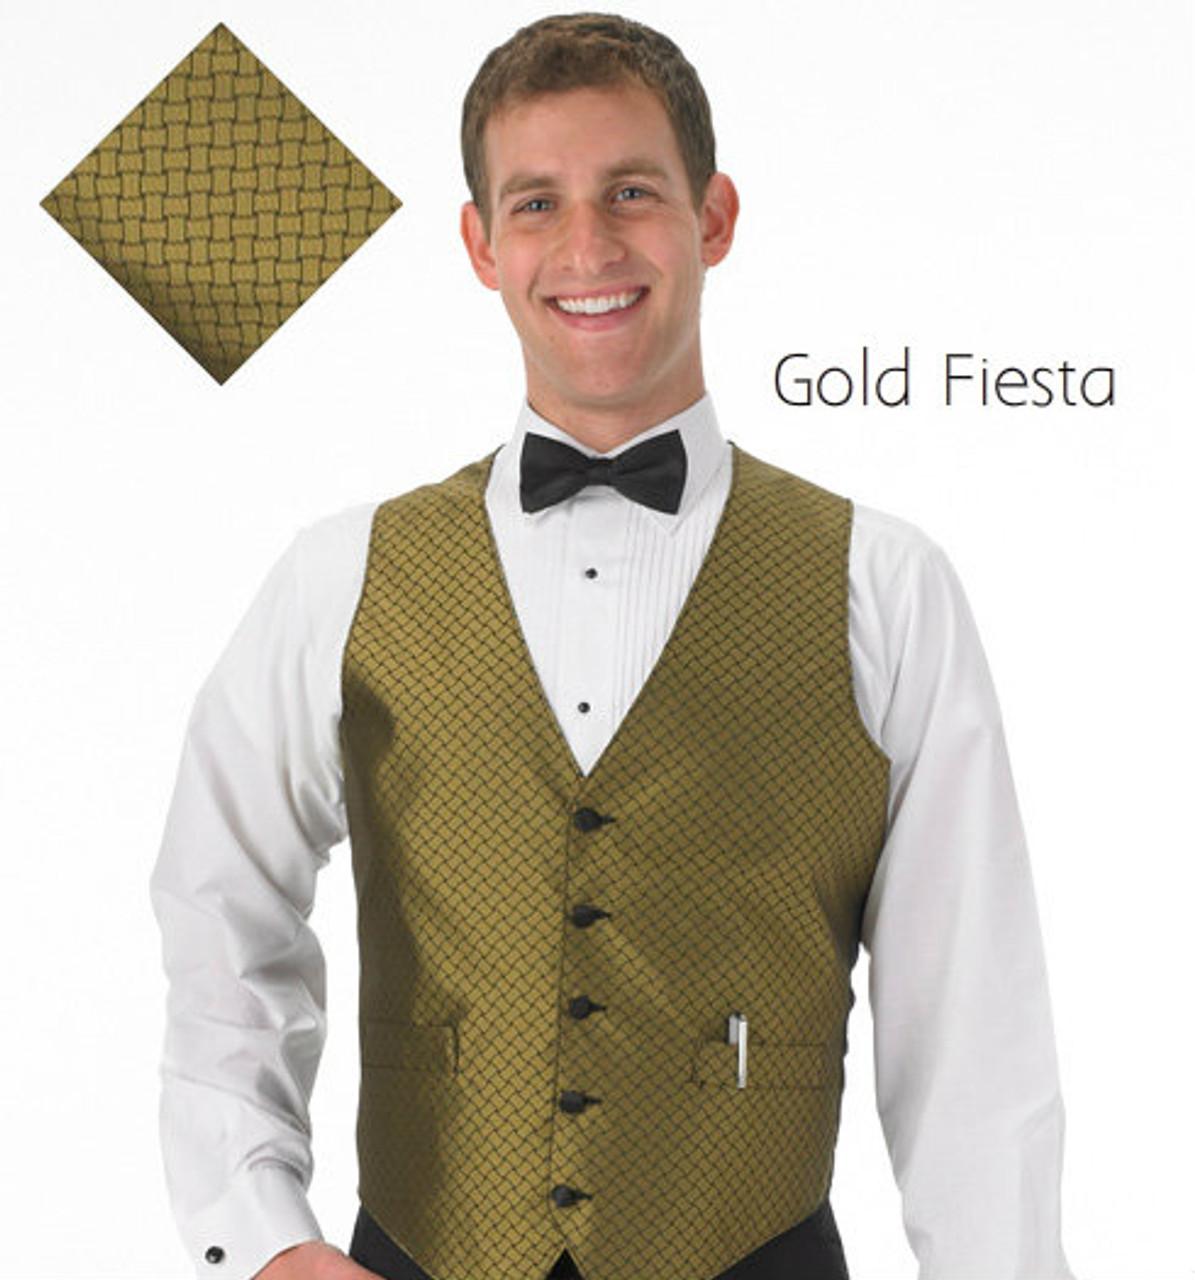 Gold Fiesta